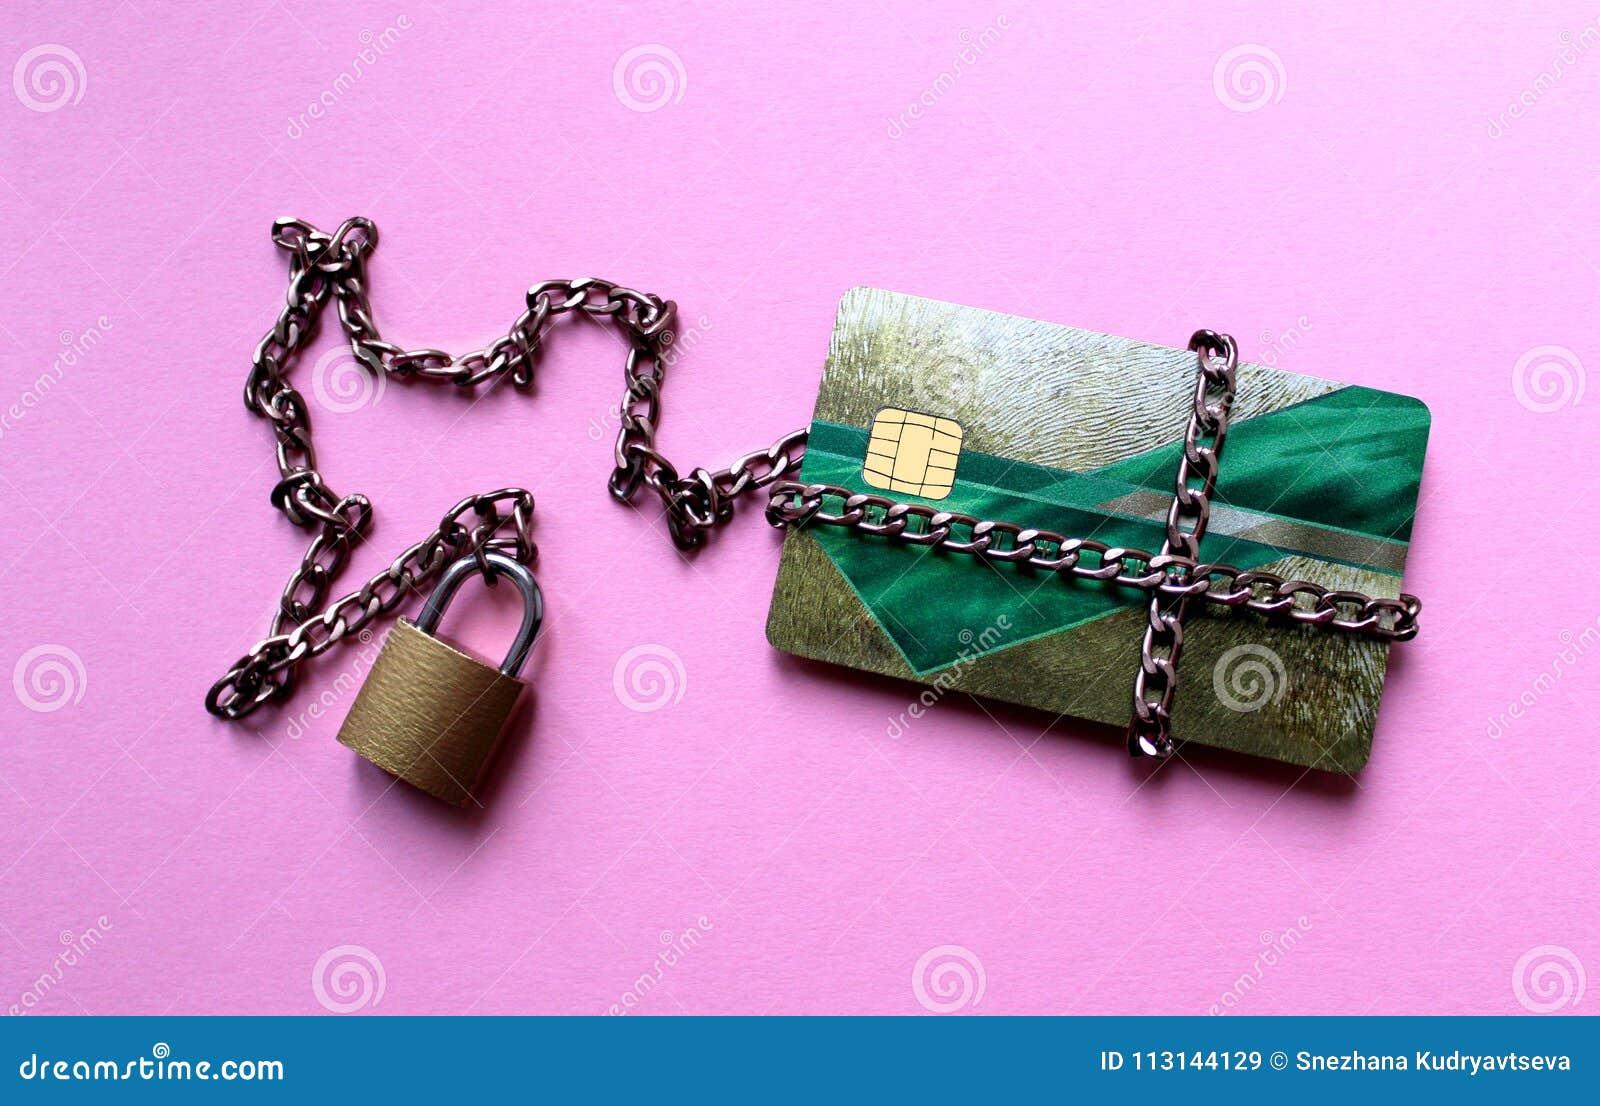 Kreditkarte das Geld ist unter dem Schutz des Schlosses